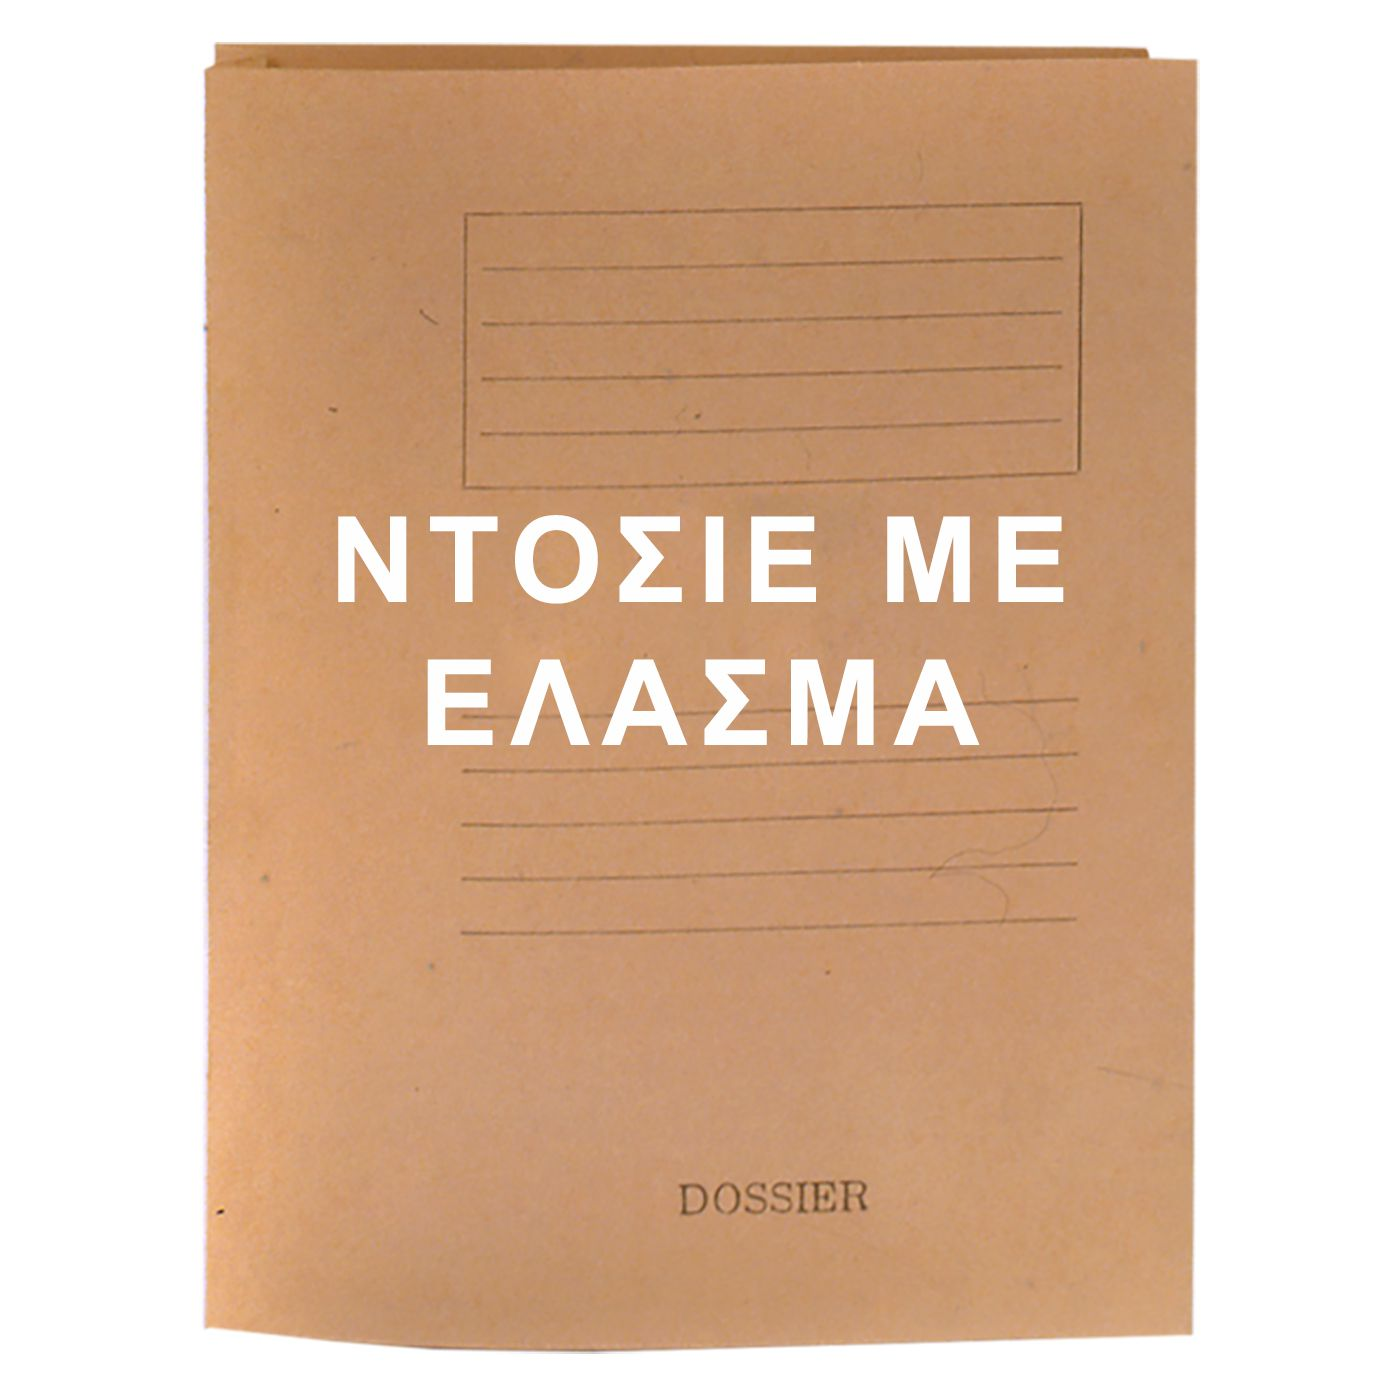 ΝΤΟΣΙΕ ΜΕ ΕΛΑΣΜΑ ΜΑΝΙΛΑ 35x26cm